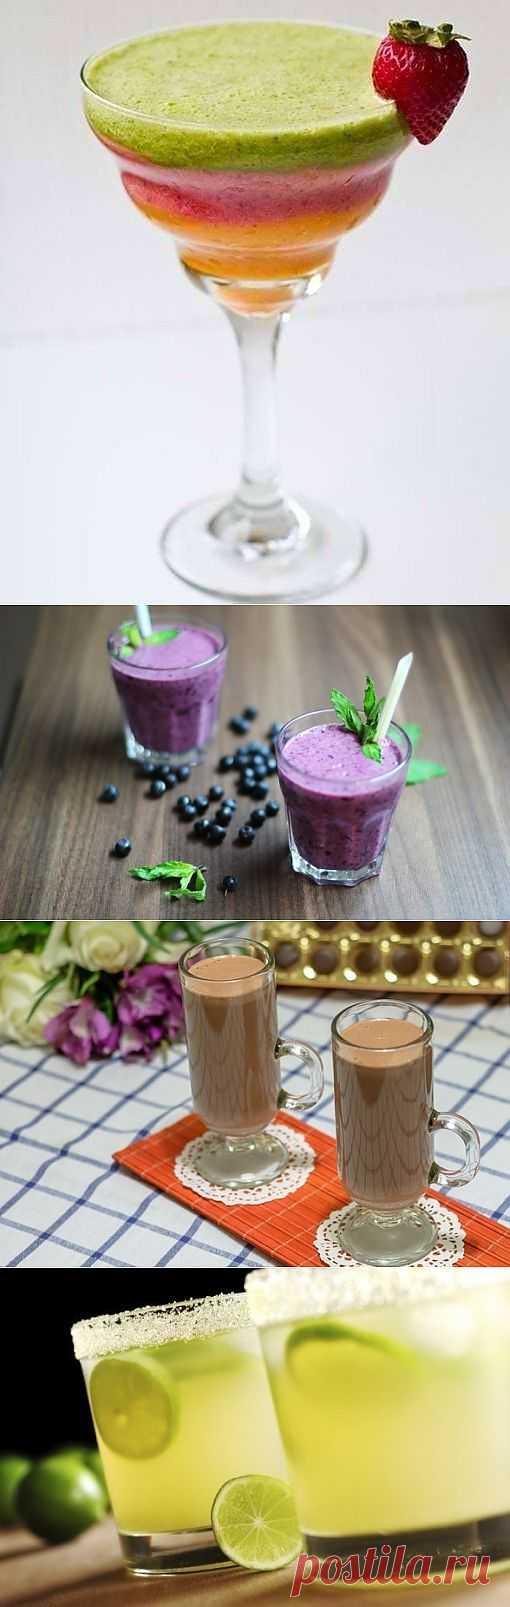 Напитки | Рецепты вкусных и полезных блюд! 3dorov.ru